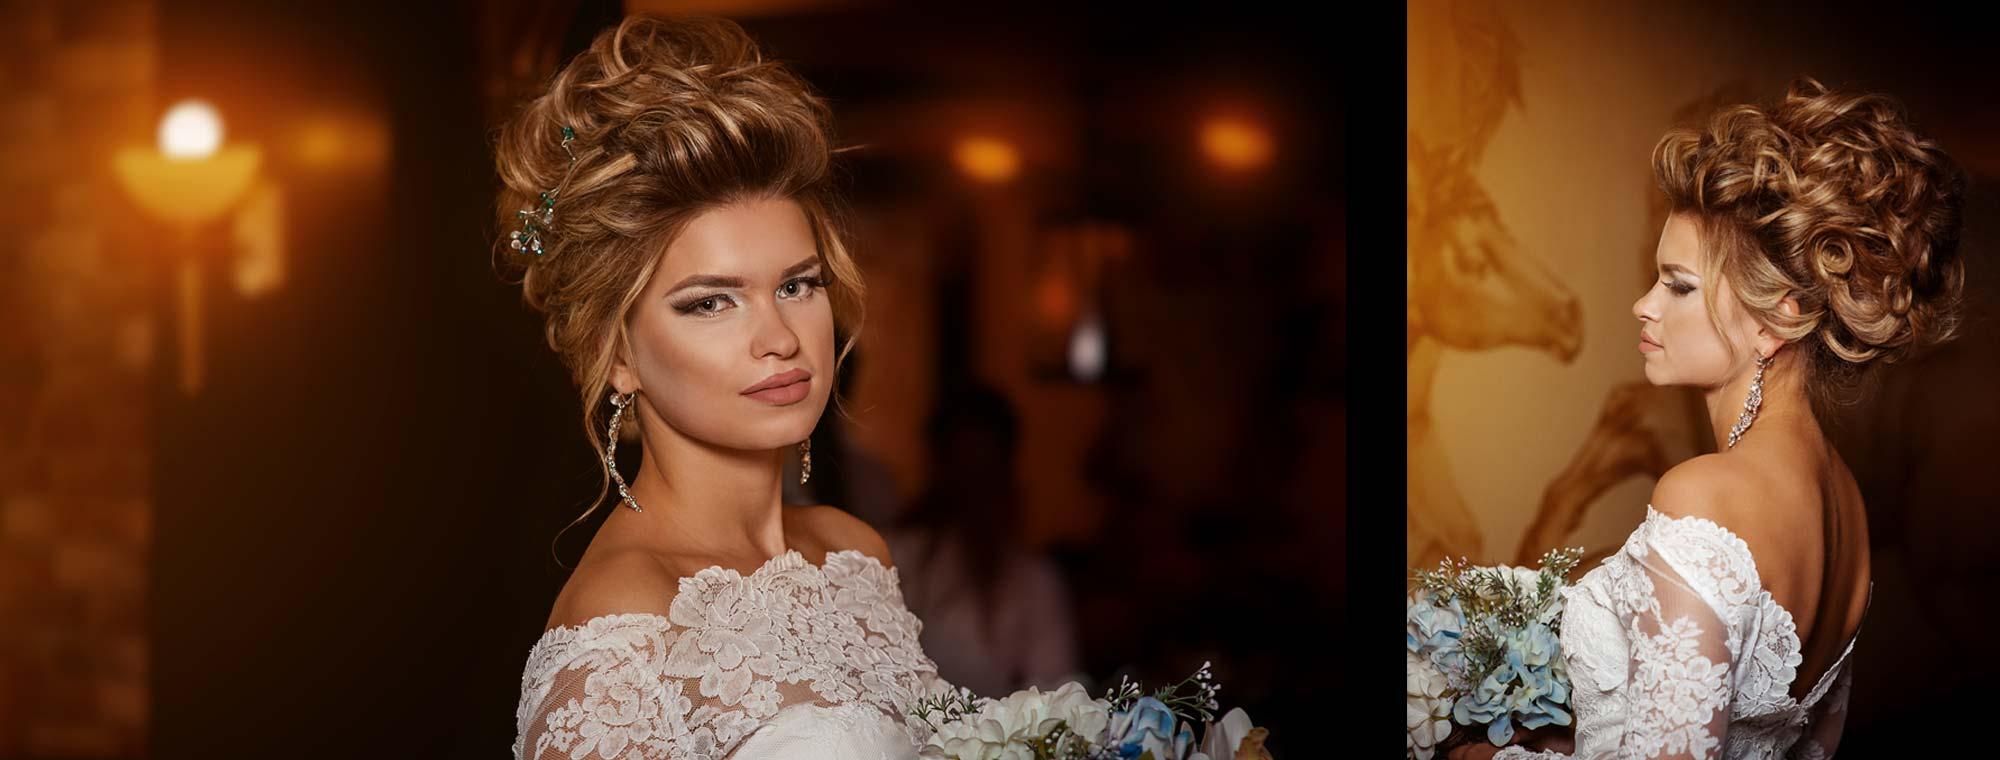 Фото причесок свадебных и макияж и прически и маникюр